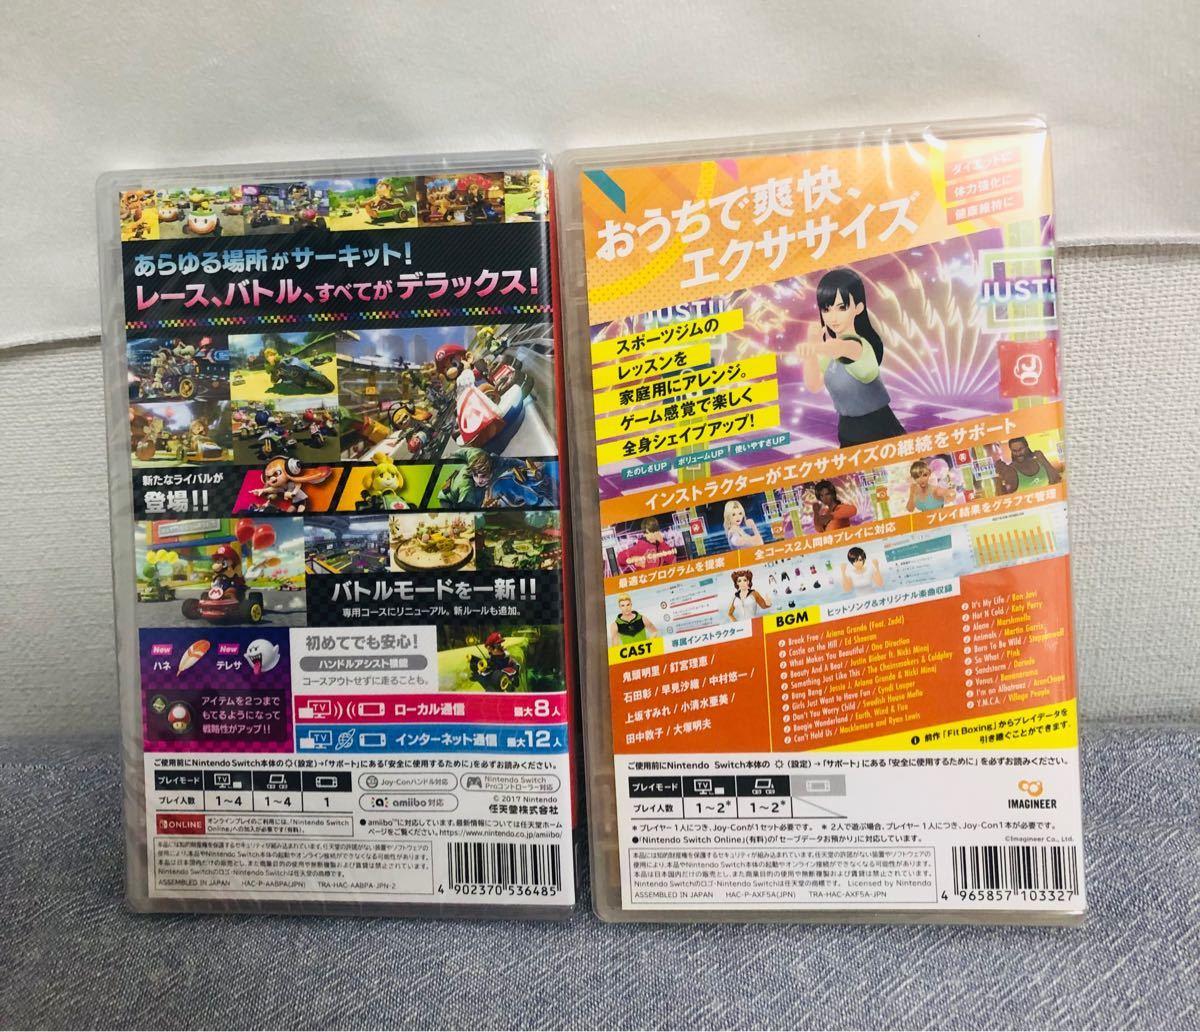 【新品・未開封】Nintendo Switch マリオカート8 デラックス&フィットボクシング2 任天堂 ニンテンドースイッチ